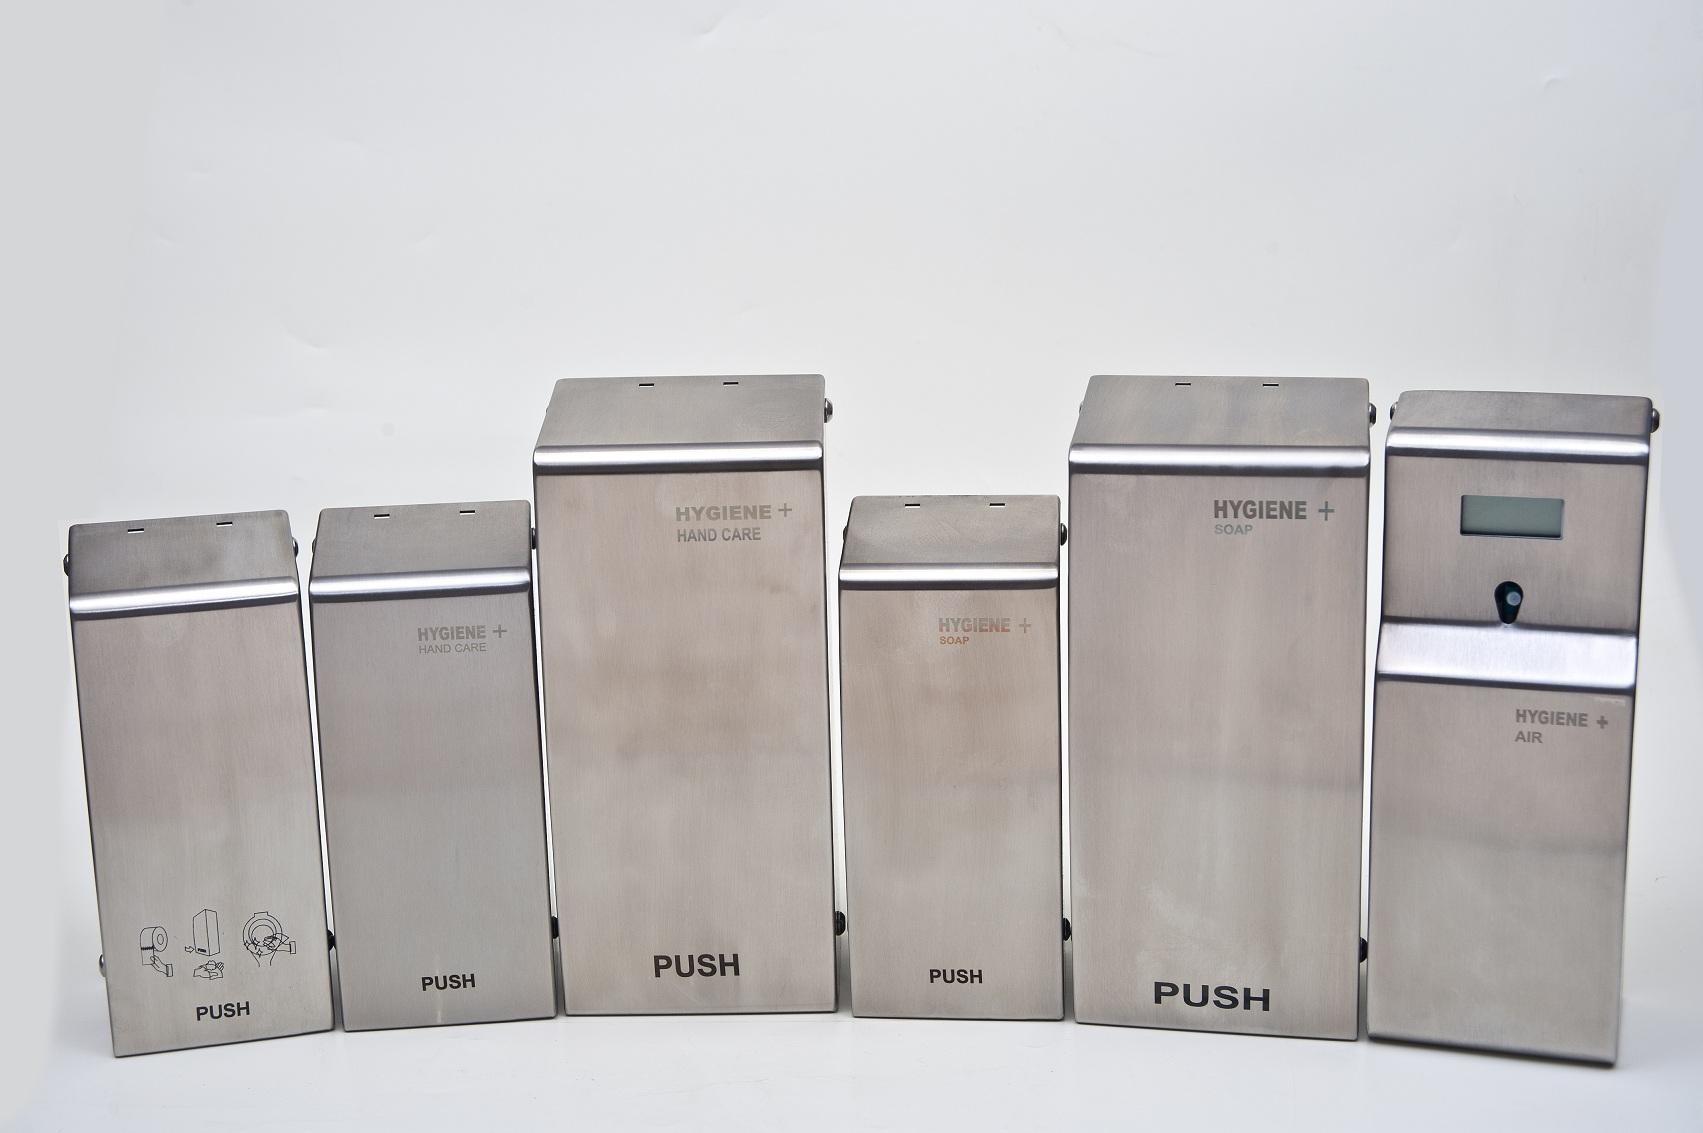 Dispenser Disposer Range